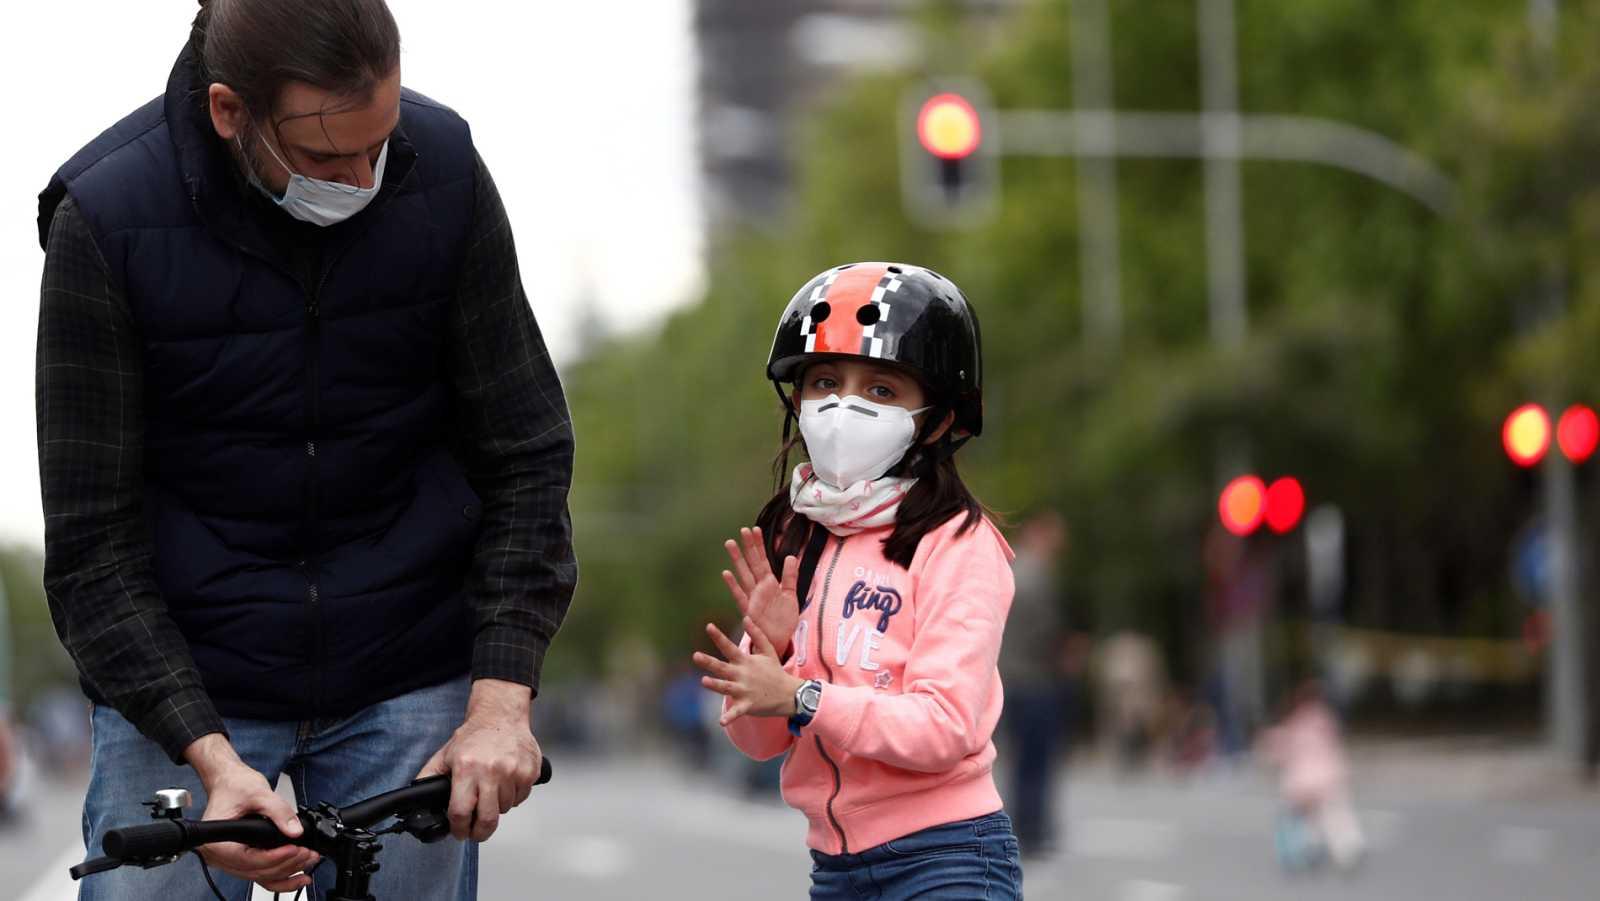 Vídeo: Sanidad anuncia que prepara una orden para aumentar la obligatoriedad de las mascarillas a los espacios públicos